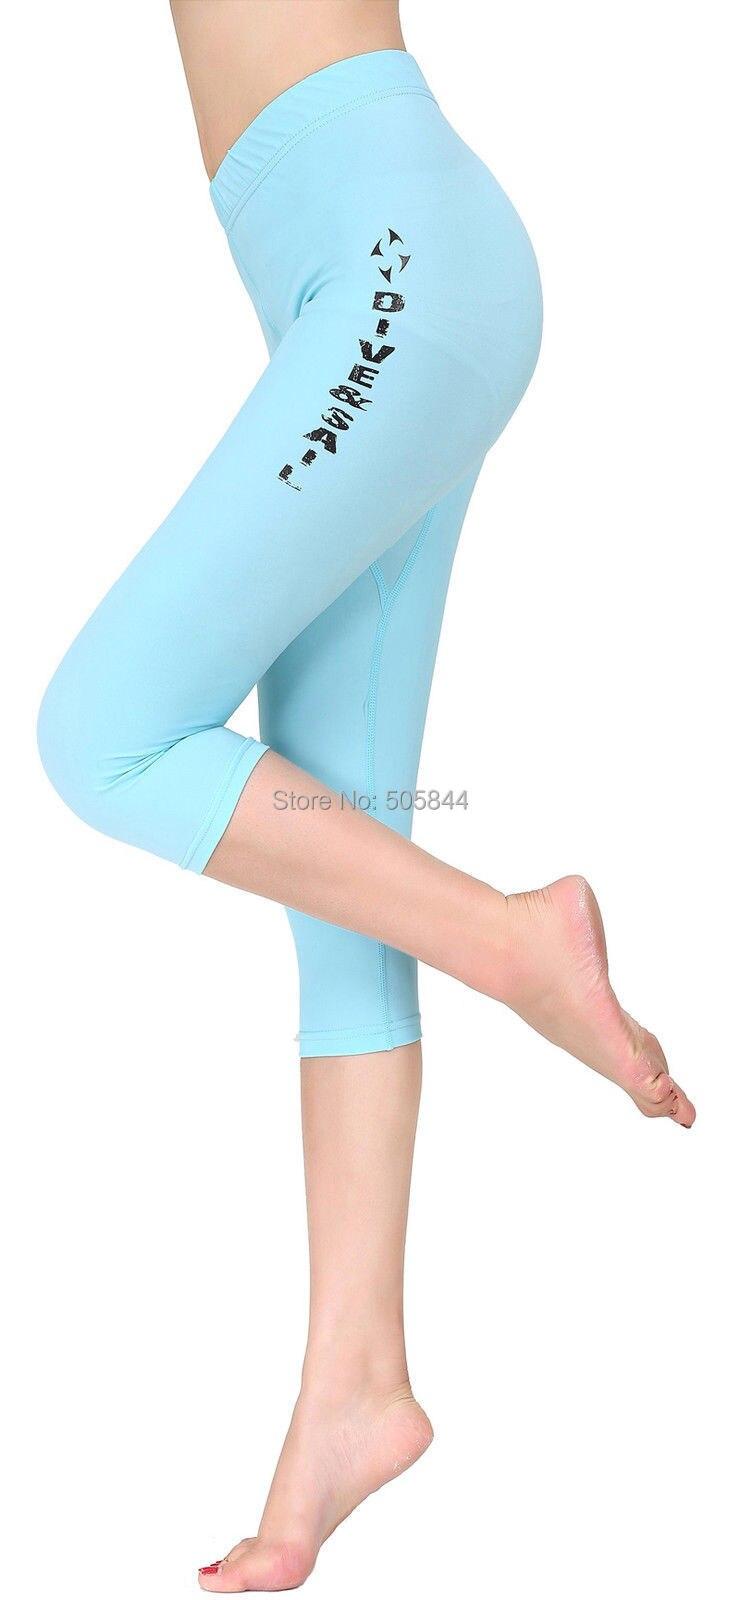 Женская Мокрые одежды спорта людей Подводное плавание дайвинг Подрезанные Штаны спортивные fitnell Кальсоны йоги